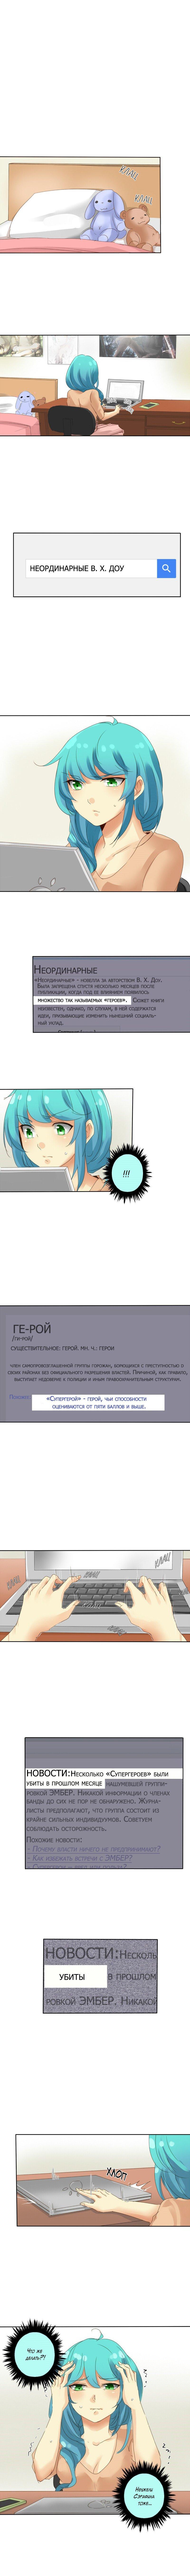 Манга неОРДИНАРНЫЕ / unORDINARY  - Том 1 Глава 22 Страница 2